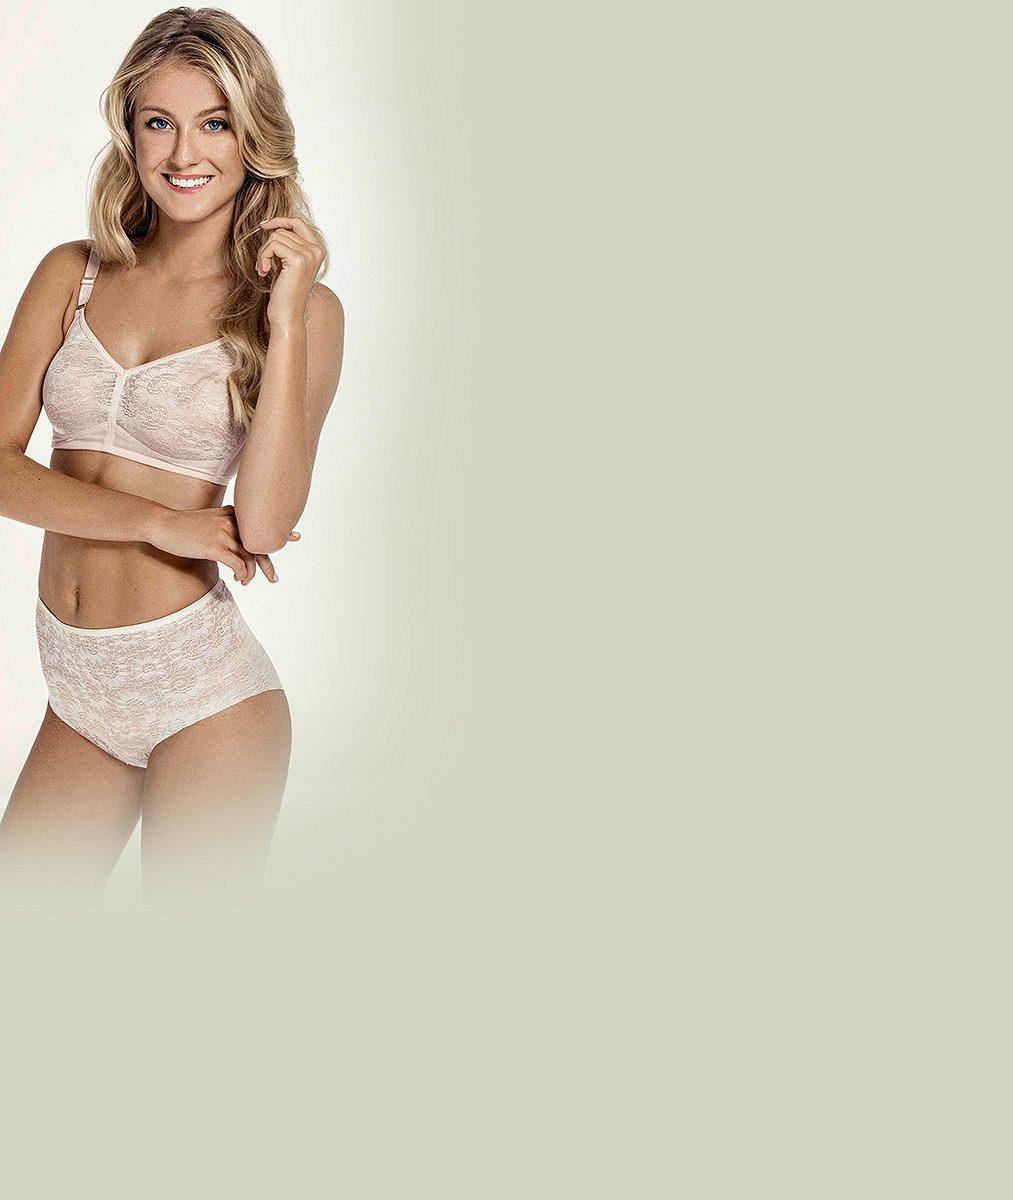 Před zimou utekla opět do tepla: Česká Miss World vystavuje svou sexy figuru na Srí Lance